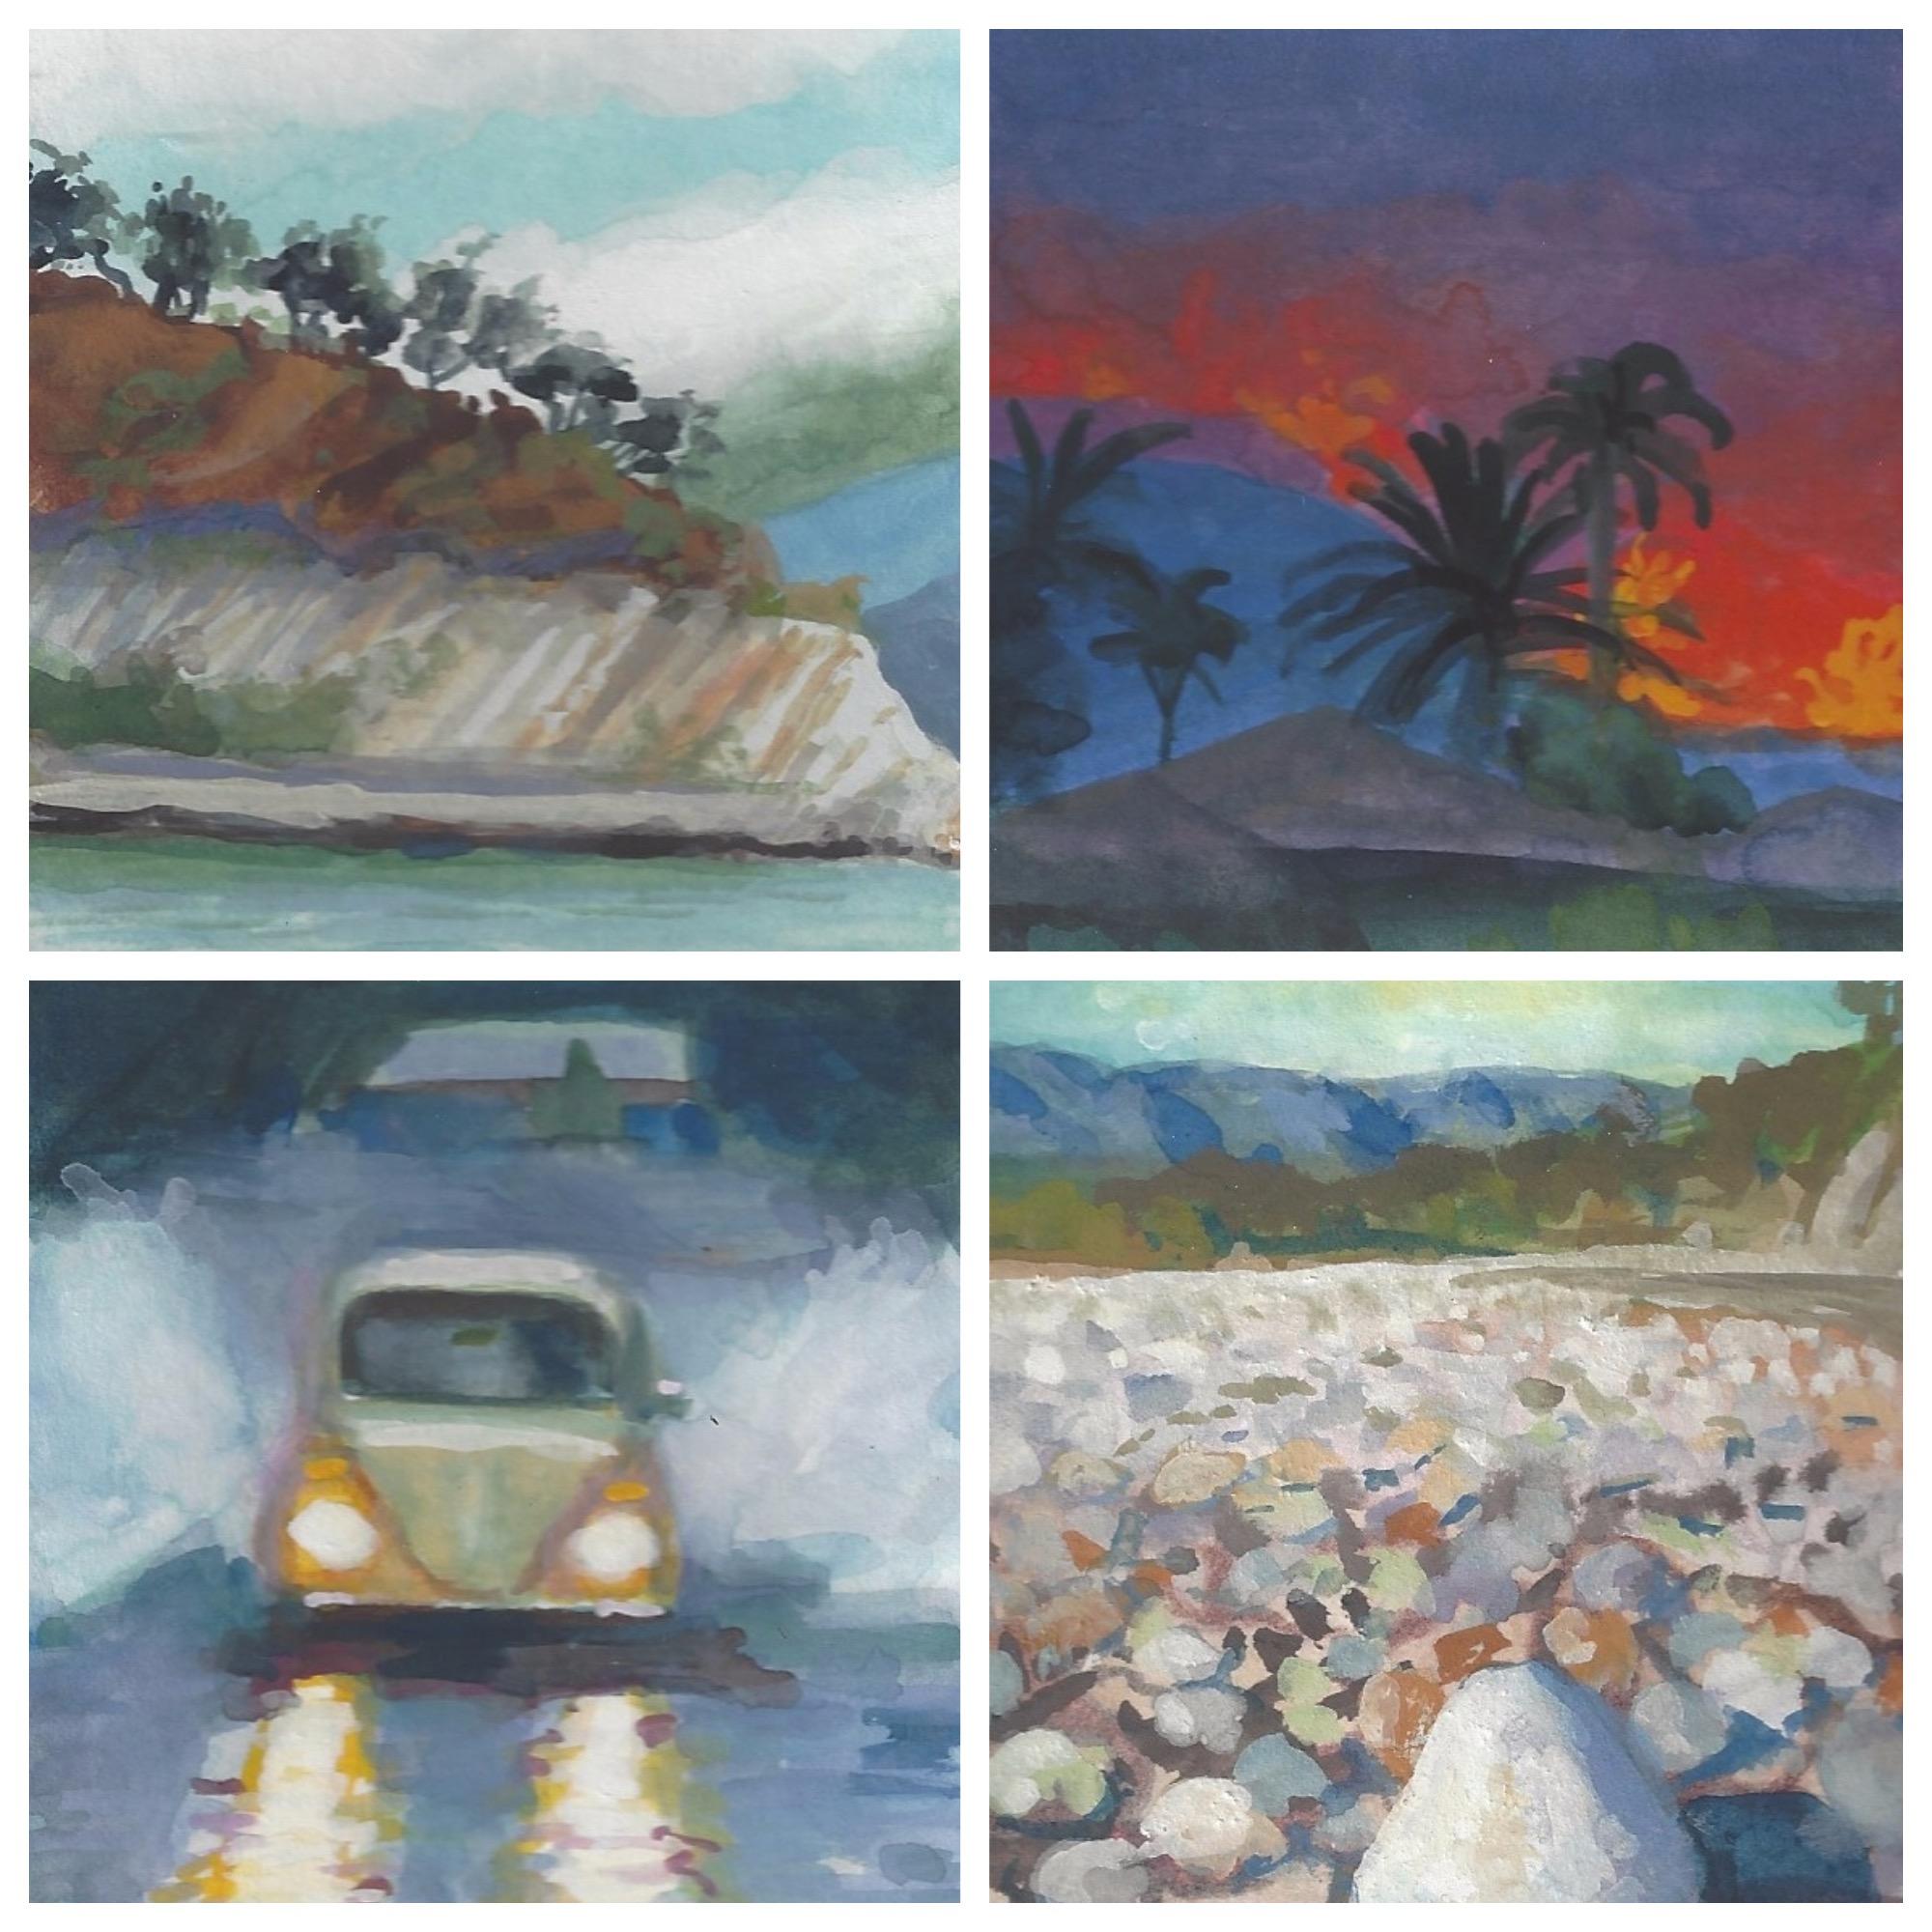 CA 4 SeaSons - Earthquake, Fire, Flood and Drought,